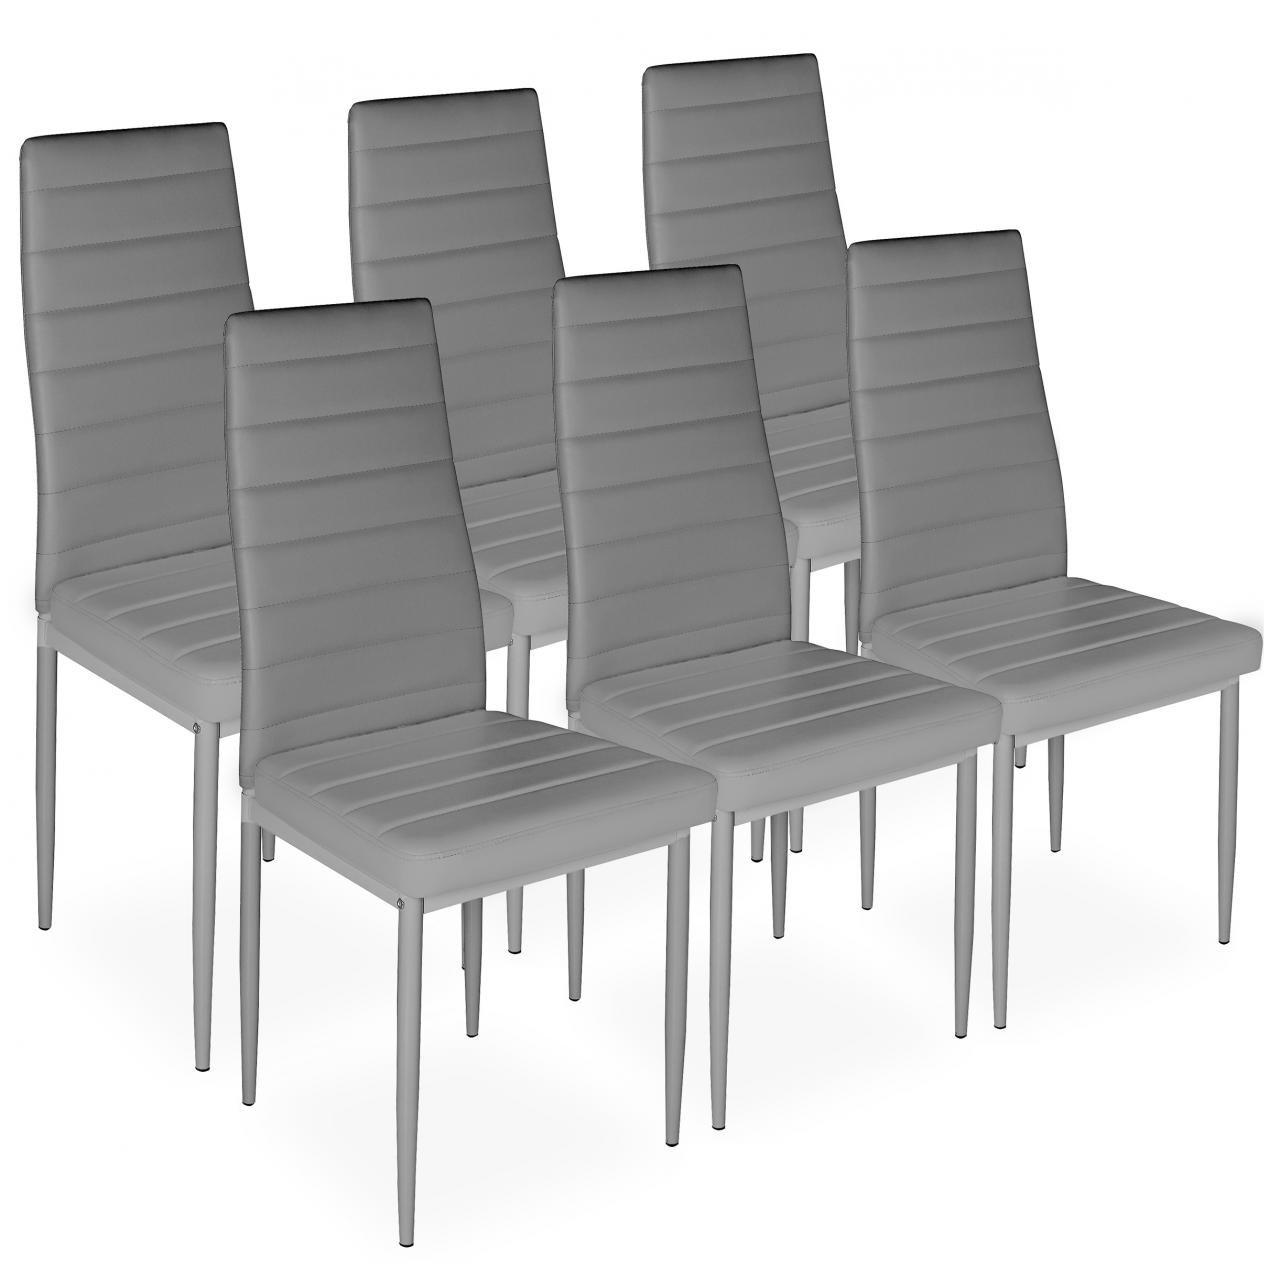 Various Stuhl Esszimmer Leder Ideas Of Homelux 6er-set Stühle Esszimmerstühle Polsterstuhl (t X